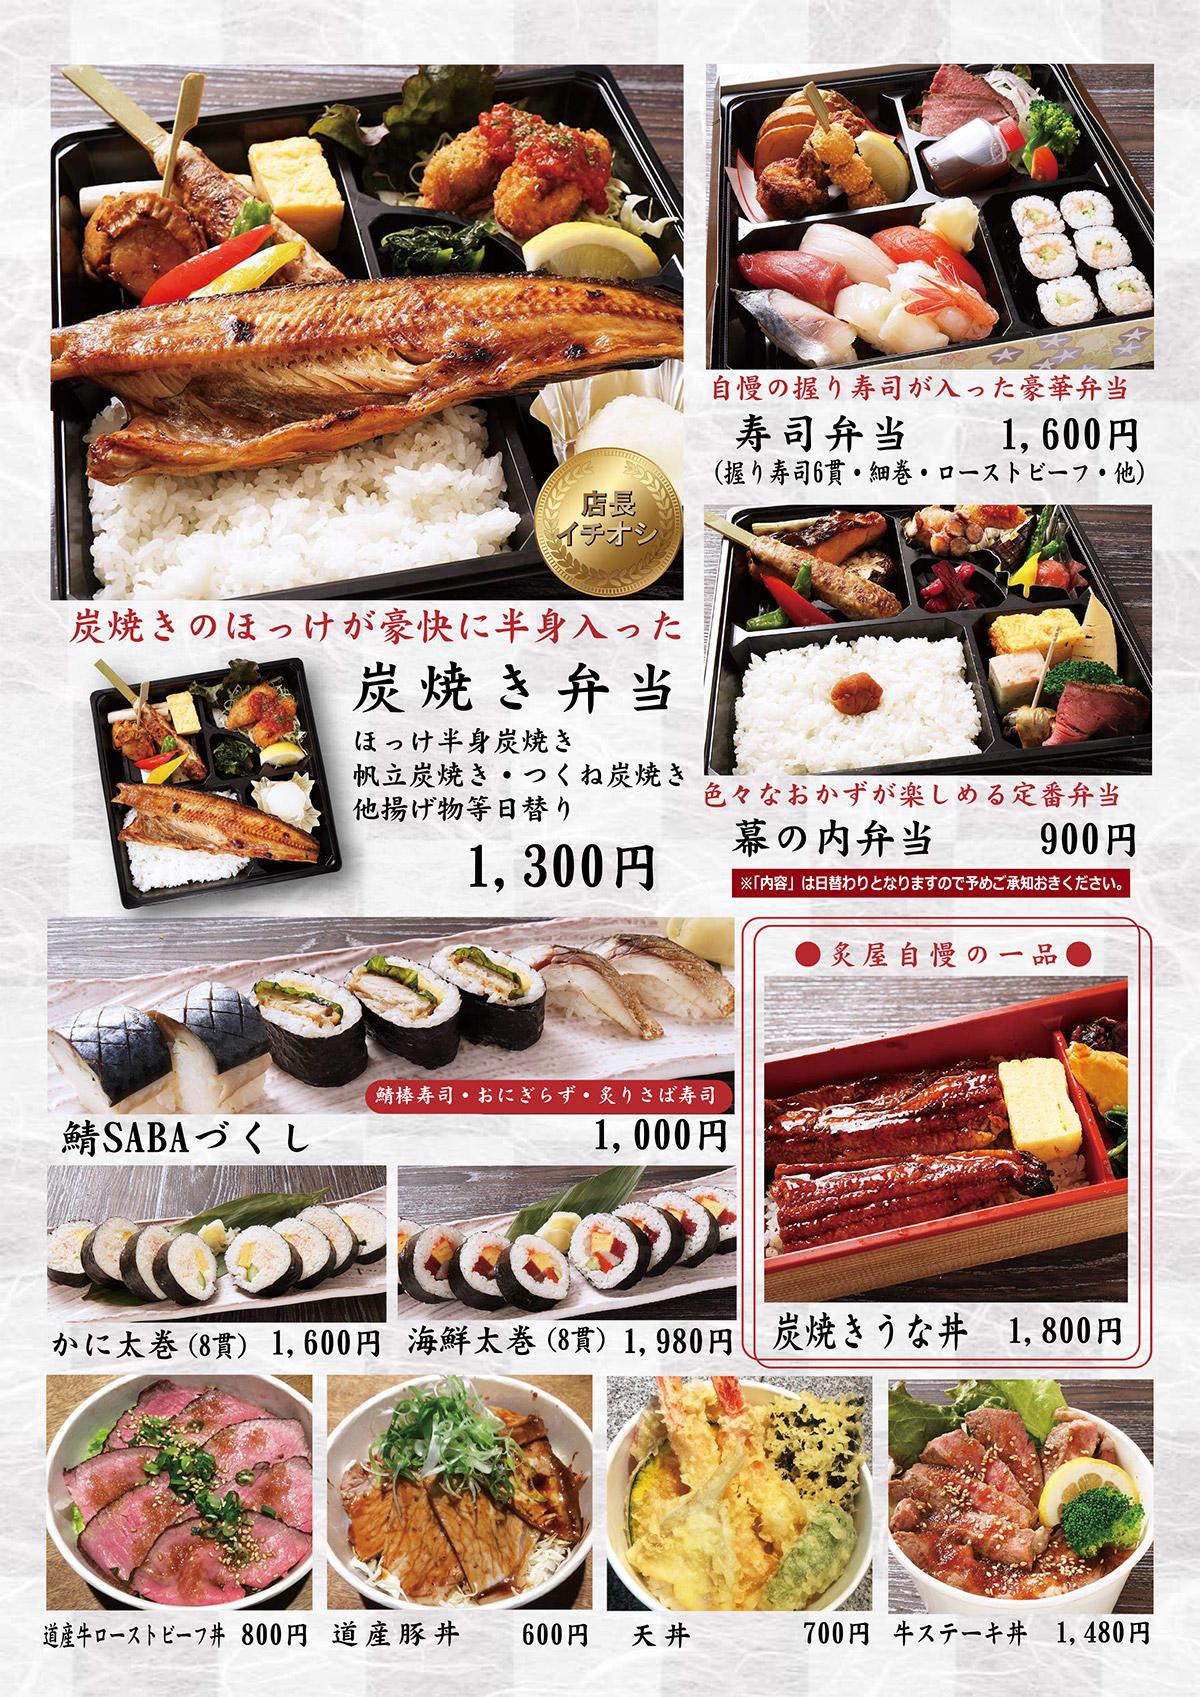 https://www.odori-bisse.com/info/aburiya_210531_img2.jpg